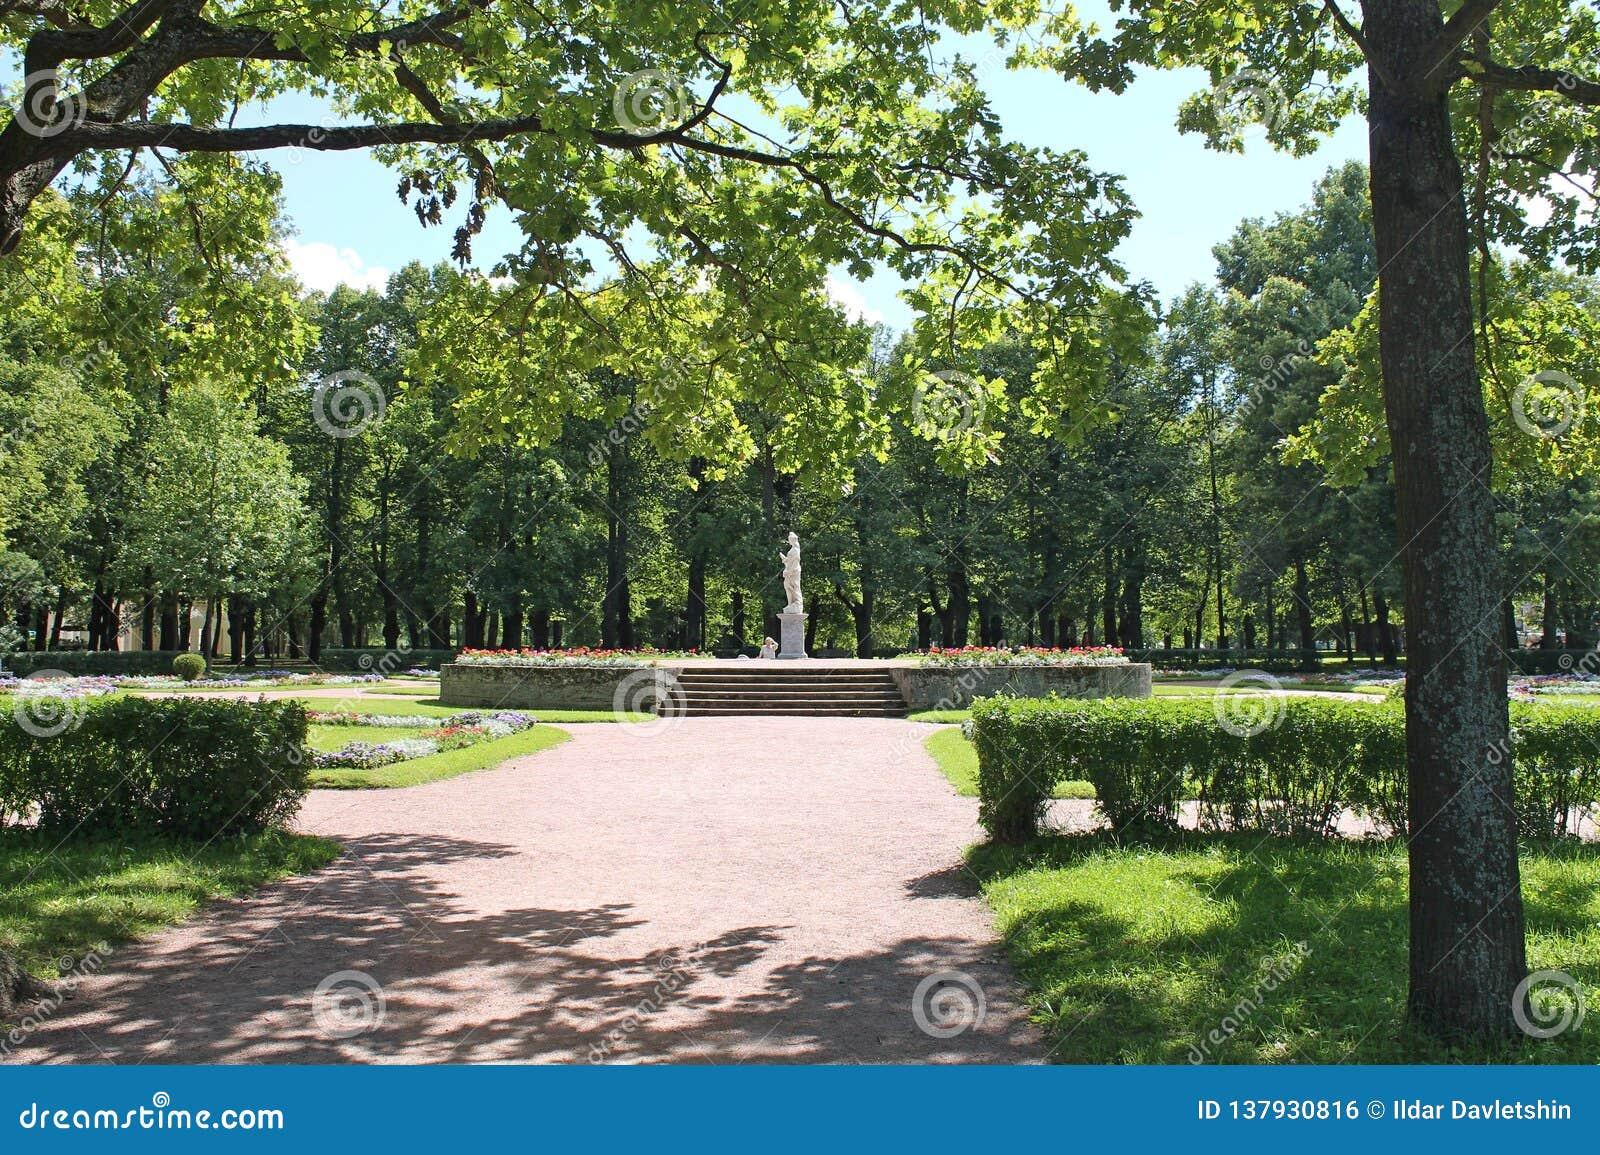 Marble statue `Justice`. Large circles. Pavlovsky Park. The city of Pavlovsk.